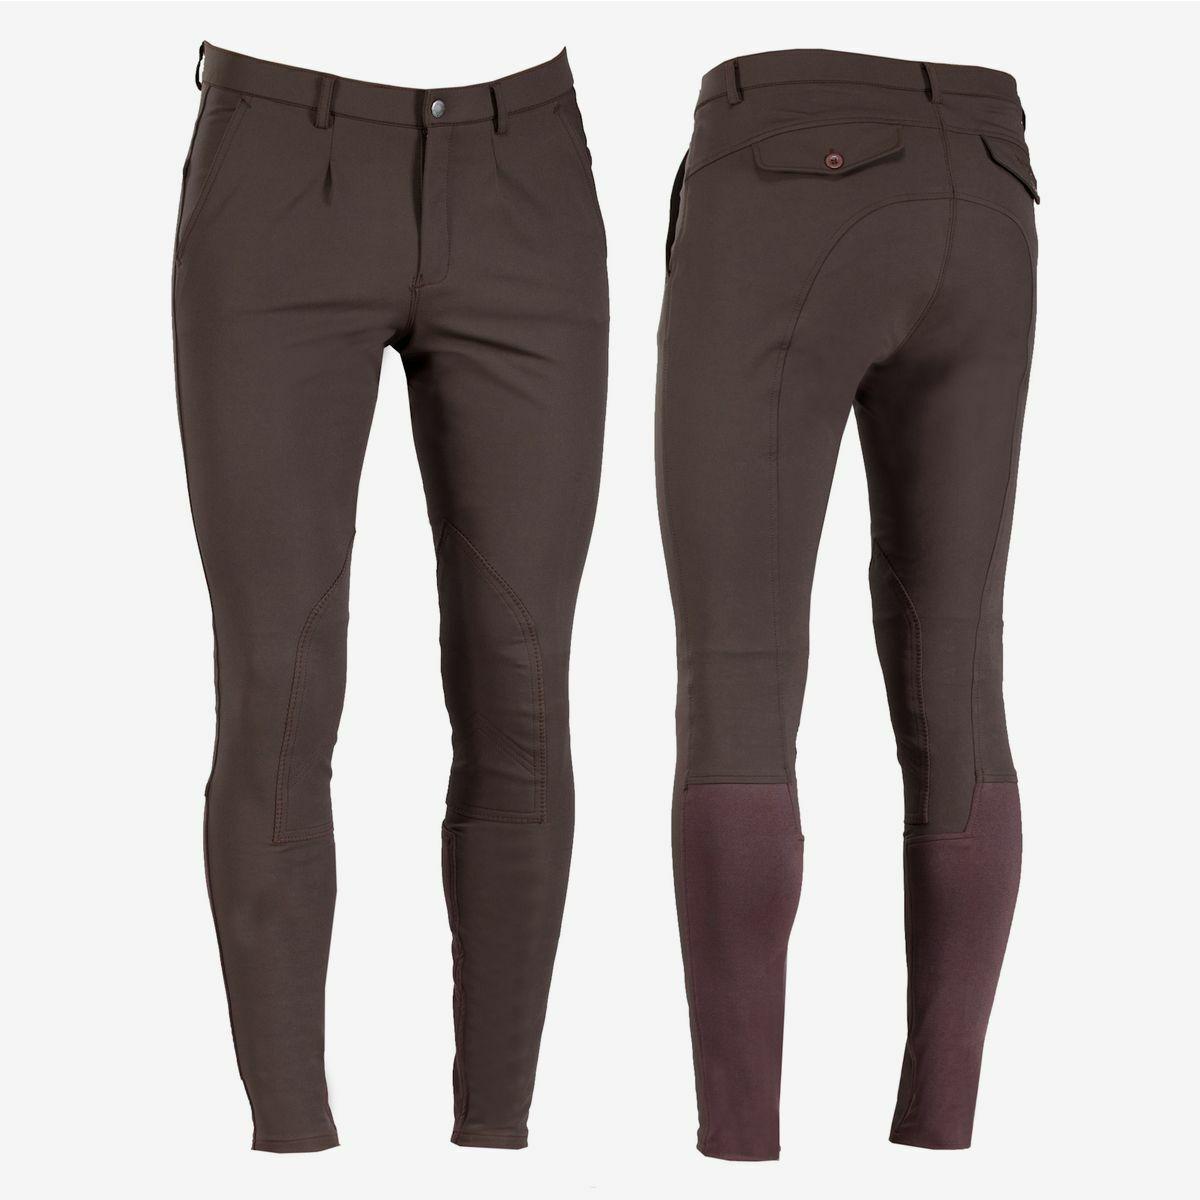 B verdeigo Sander Hombre Auto-Parche  Equitación Pantalones de montar, frontal plisado cintura medio  solo cómpralo